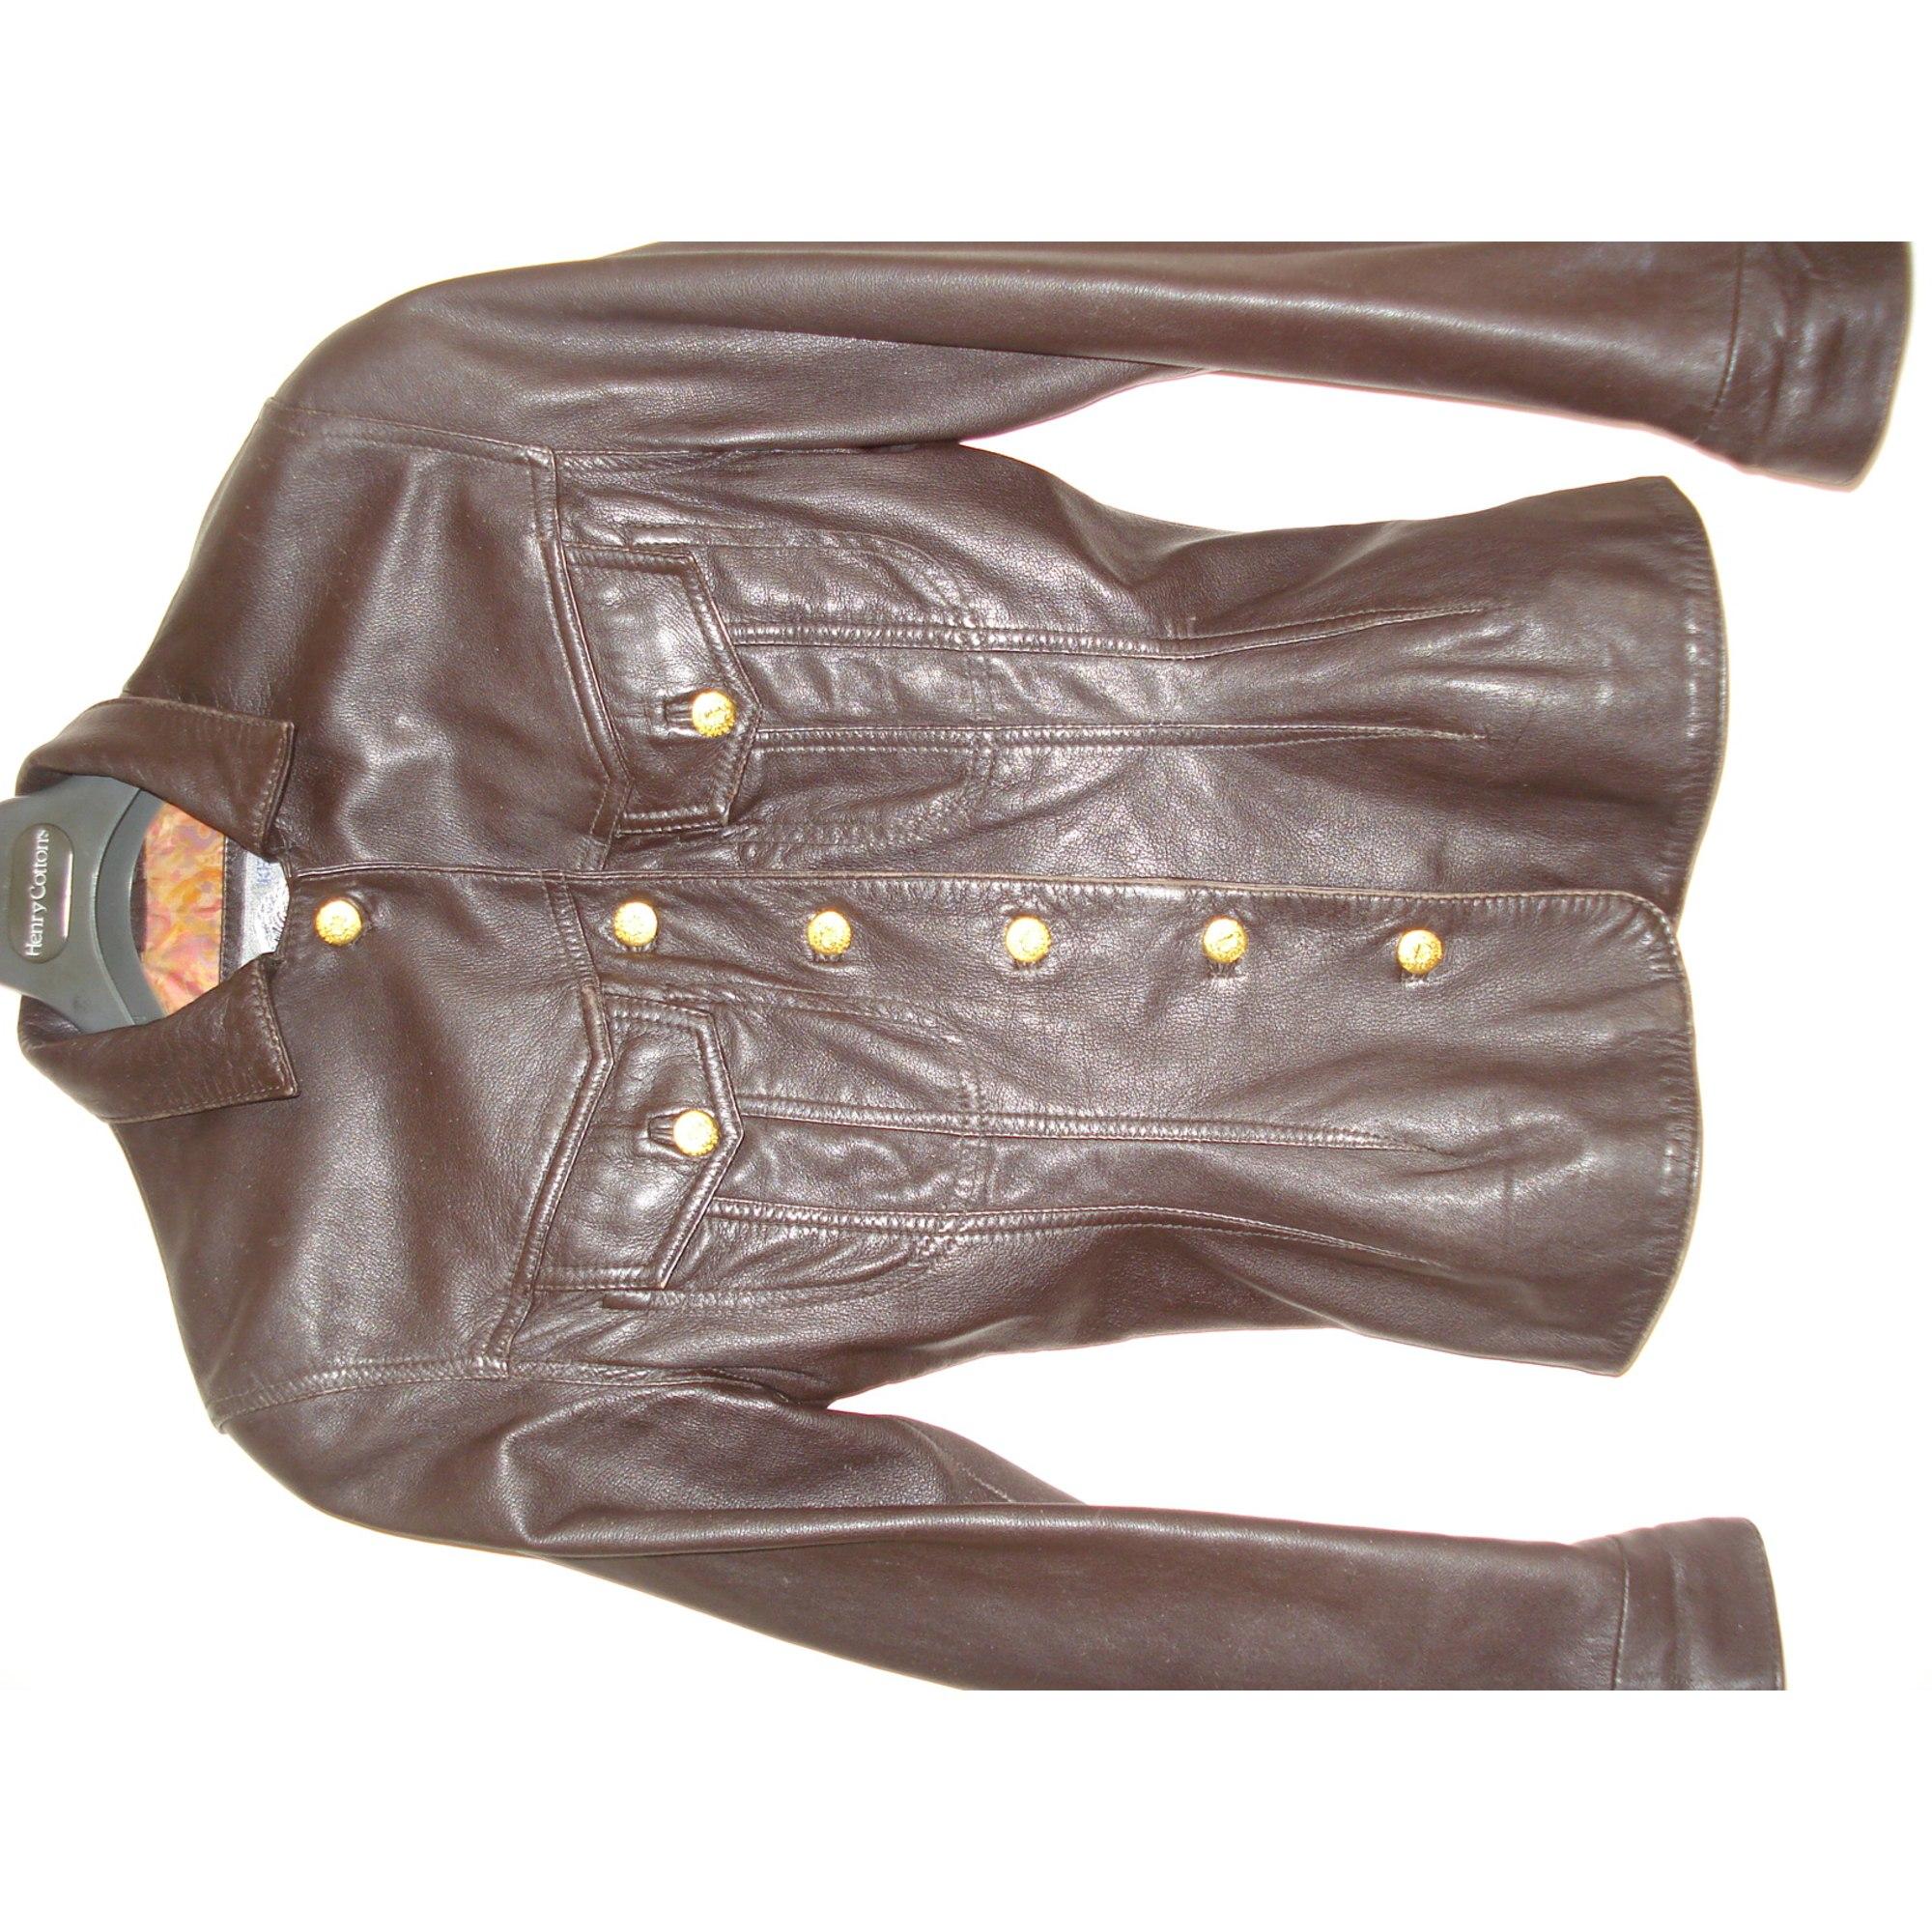 Veste en cuir KENZO 38 (M, T2) marron vendu par Lilishop15319 - 3387947 eb01711456e